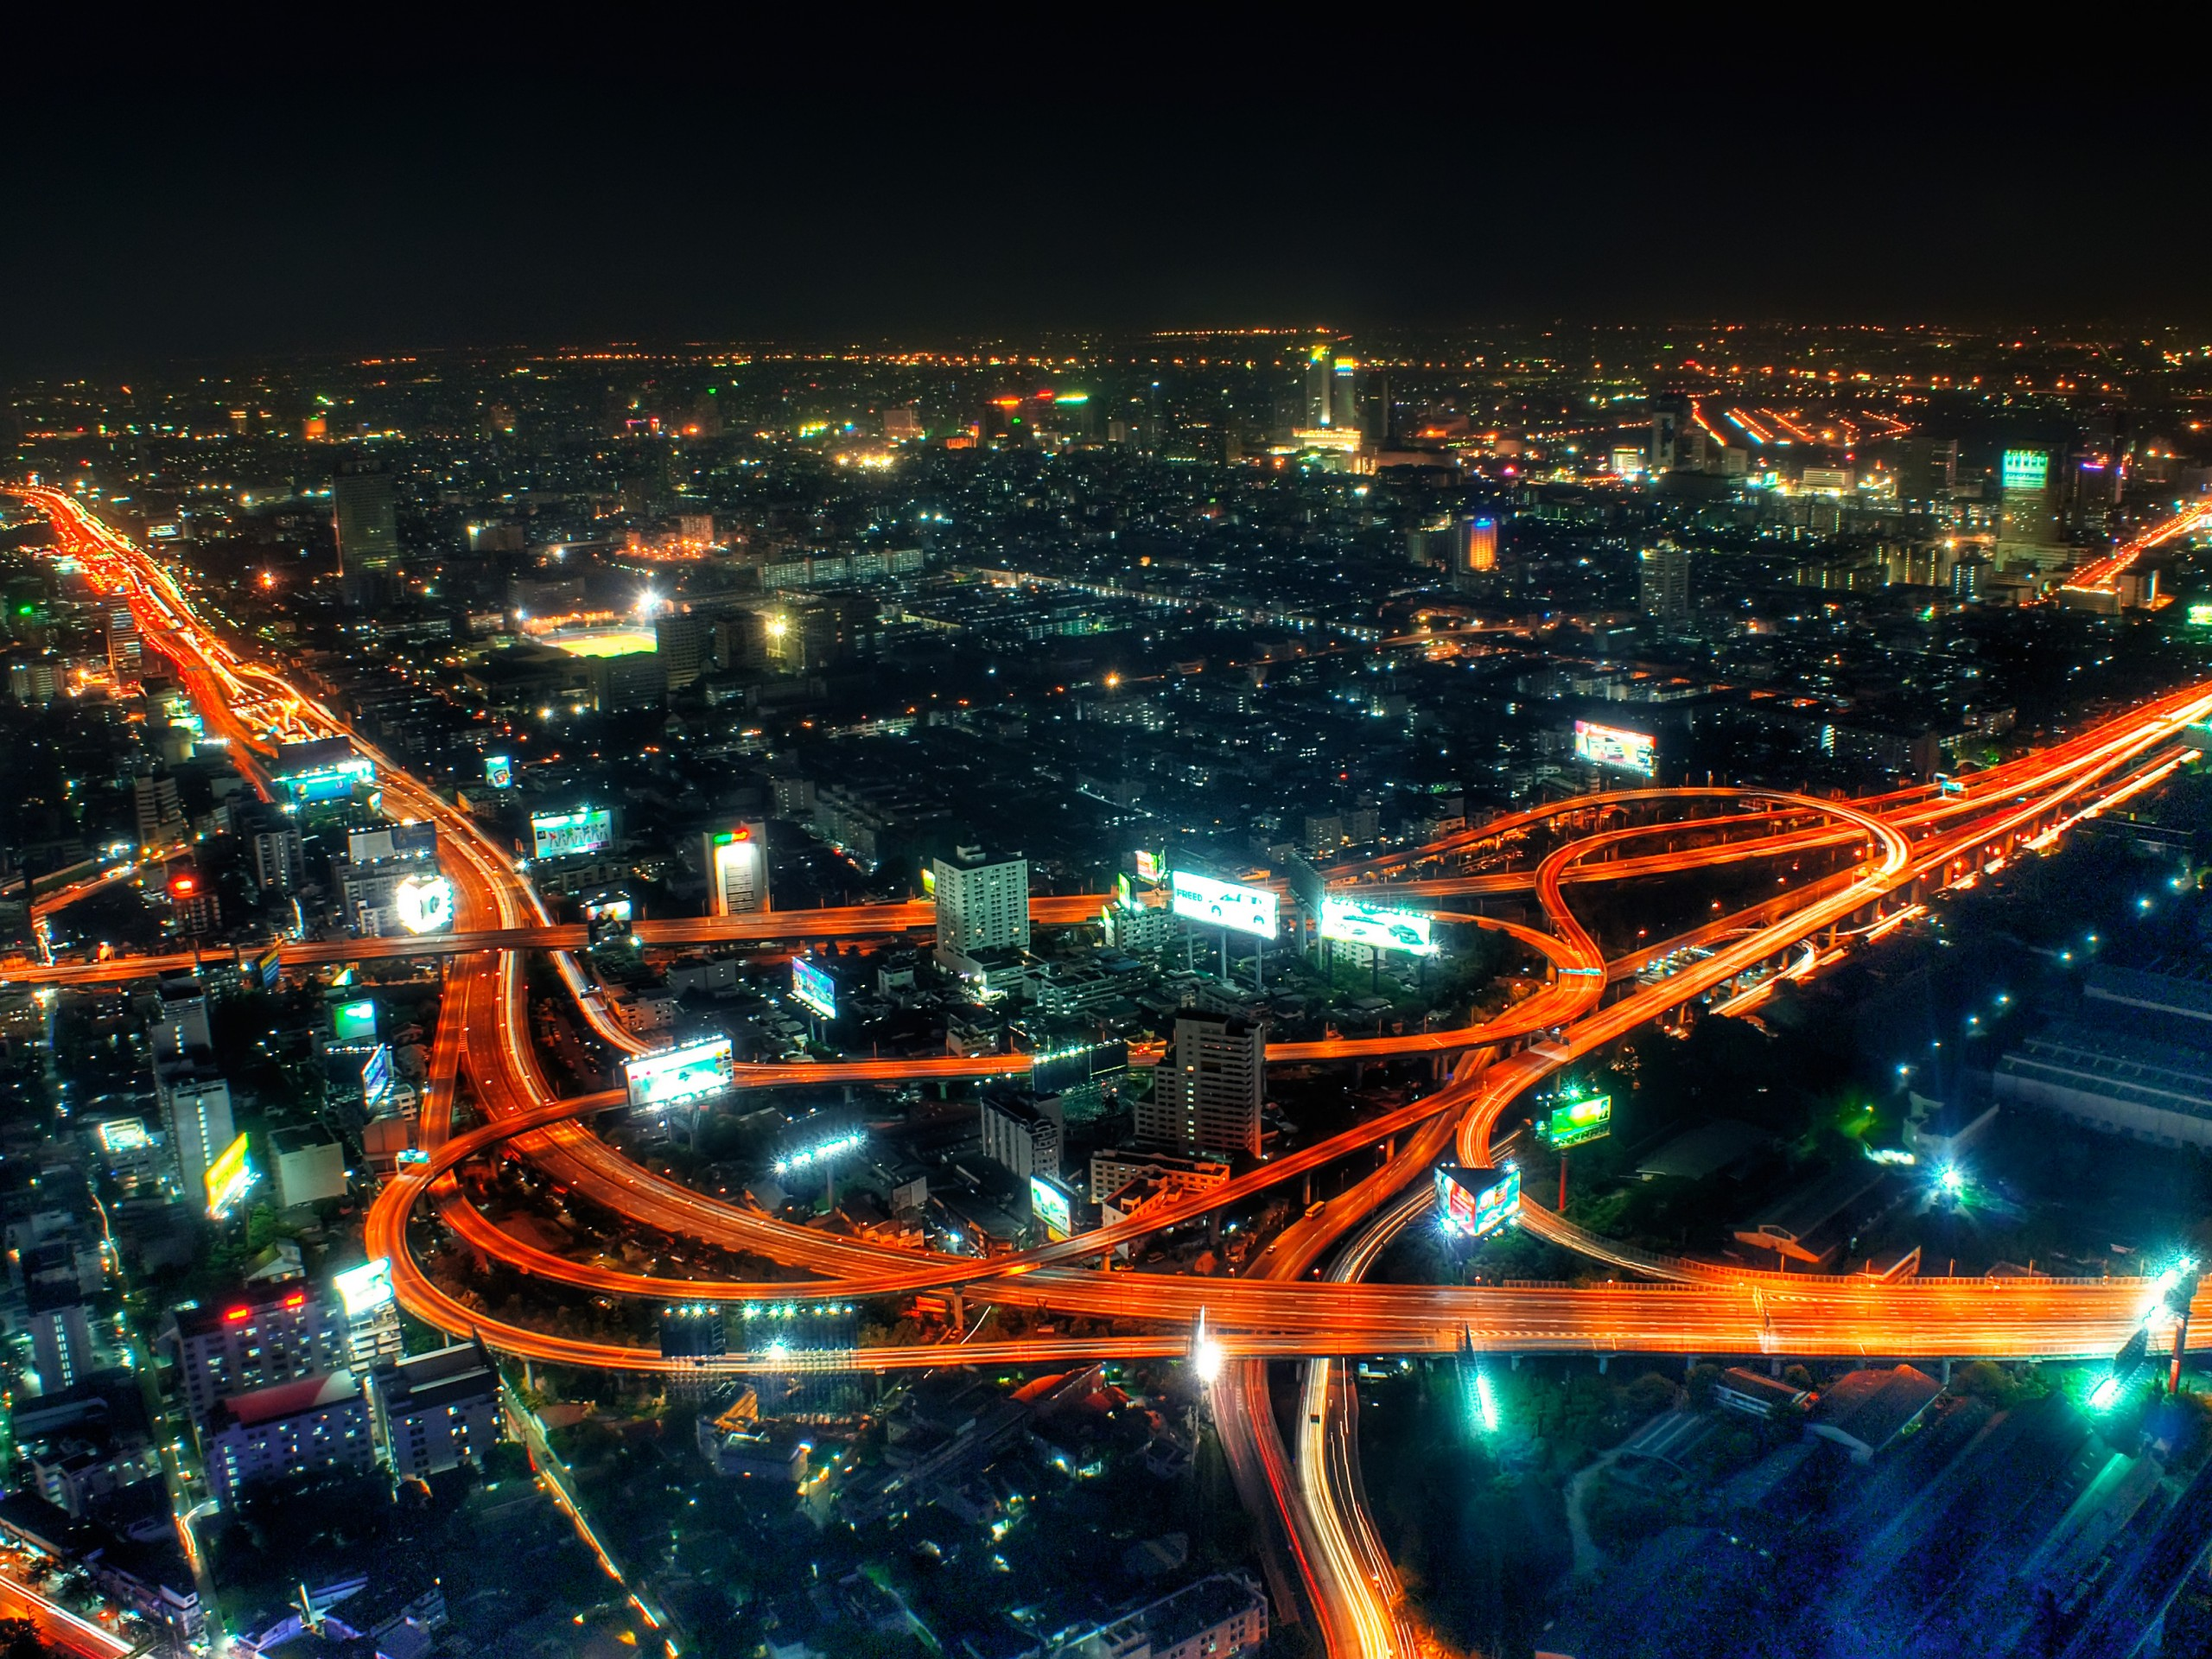 Energia elektryczna może być wygenerowana przez ruch uliczny i przechodniów